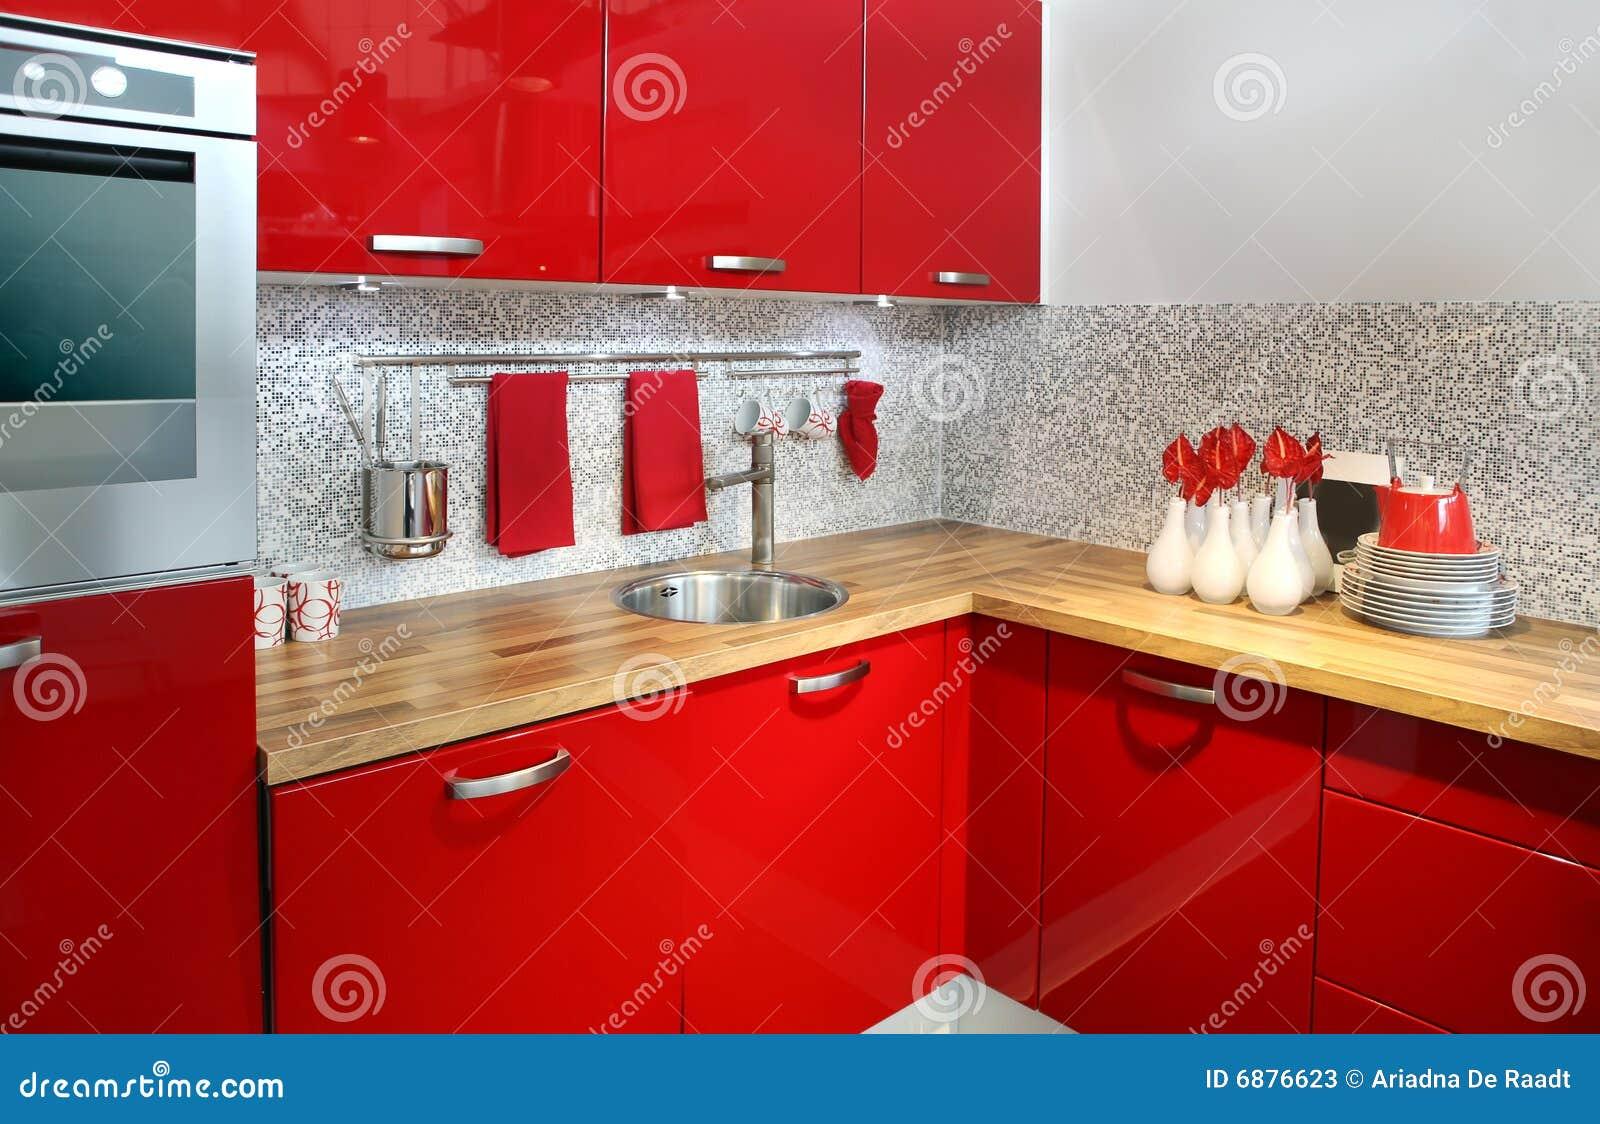 Cozinha vermelha moderna com decoração das flores. #8D0807 1300 930